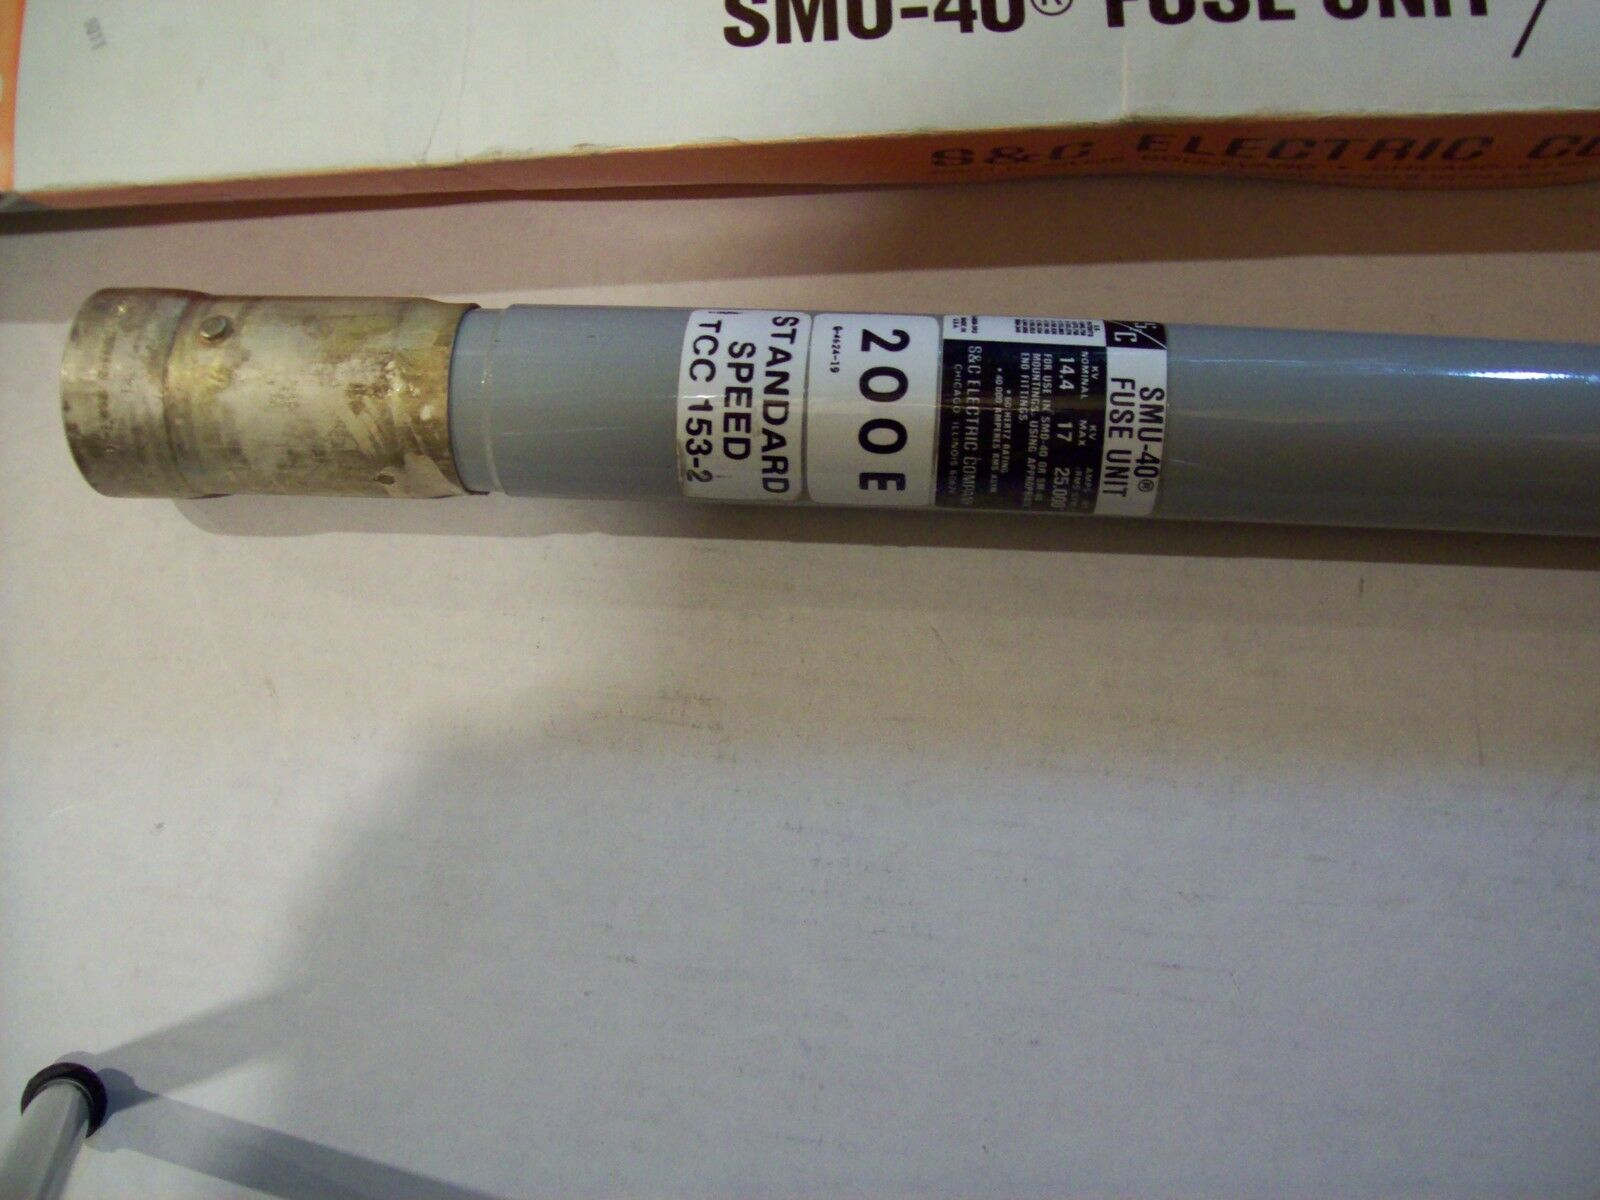 S&C SMU-40 Fuse Unit  14.4KV Nom 17.0KV Max 200E TCC 153-2